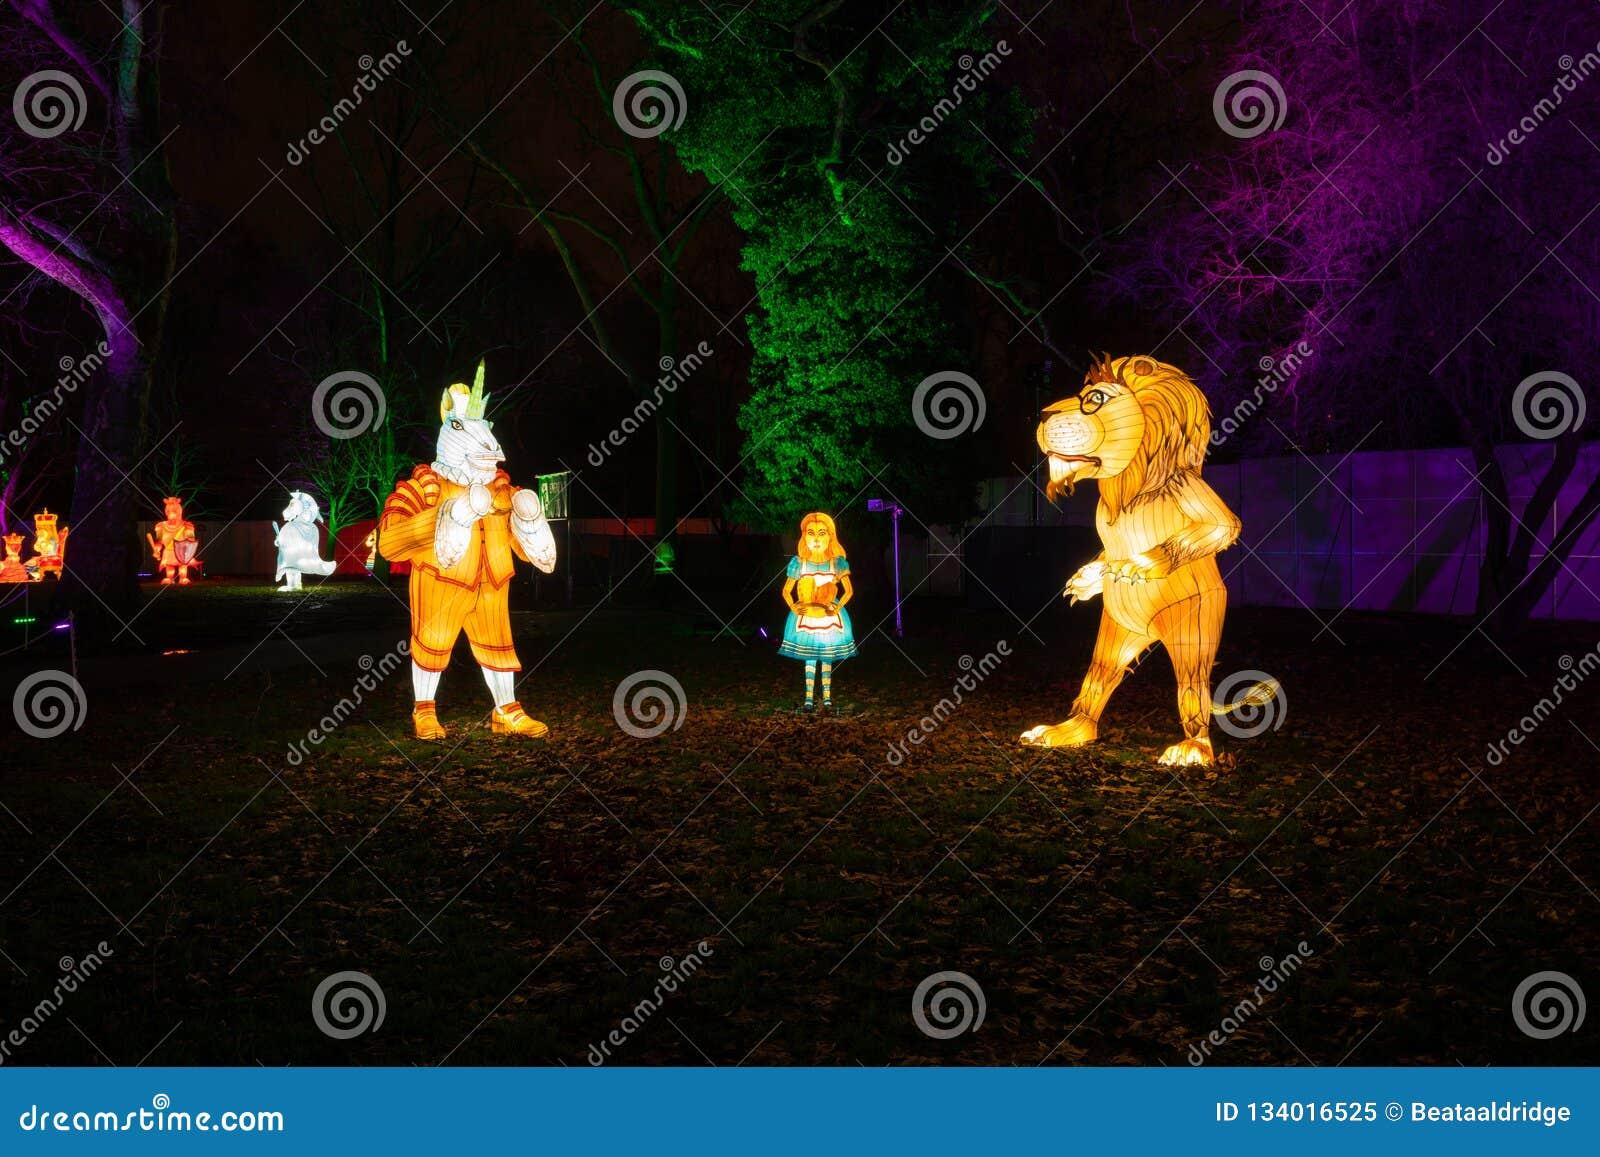 Alice in Wonderland lantern festival, Southwark Park, London UK